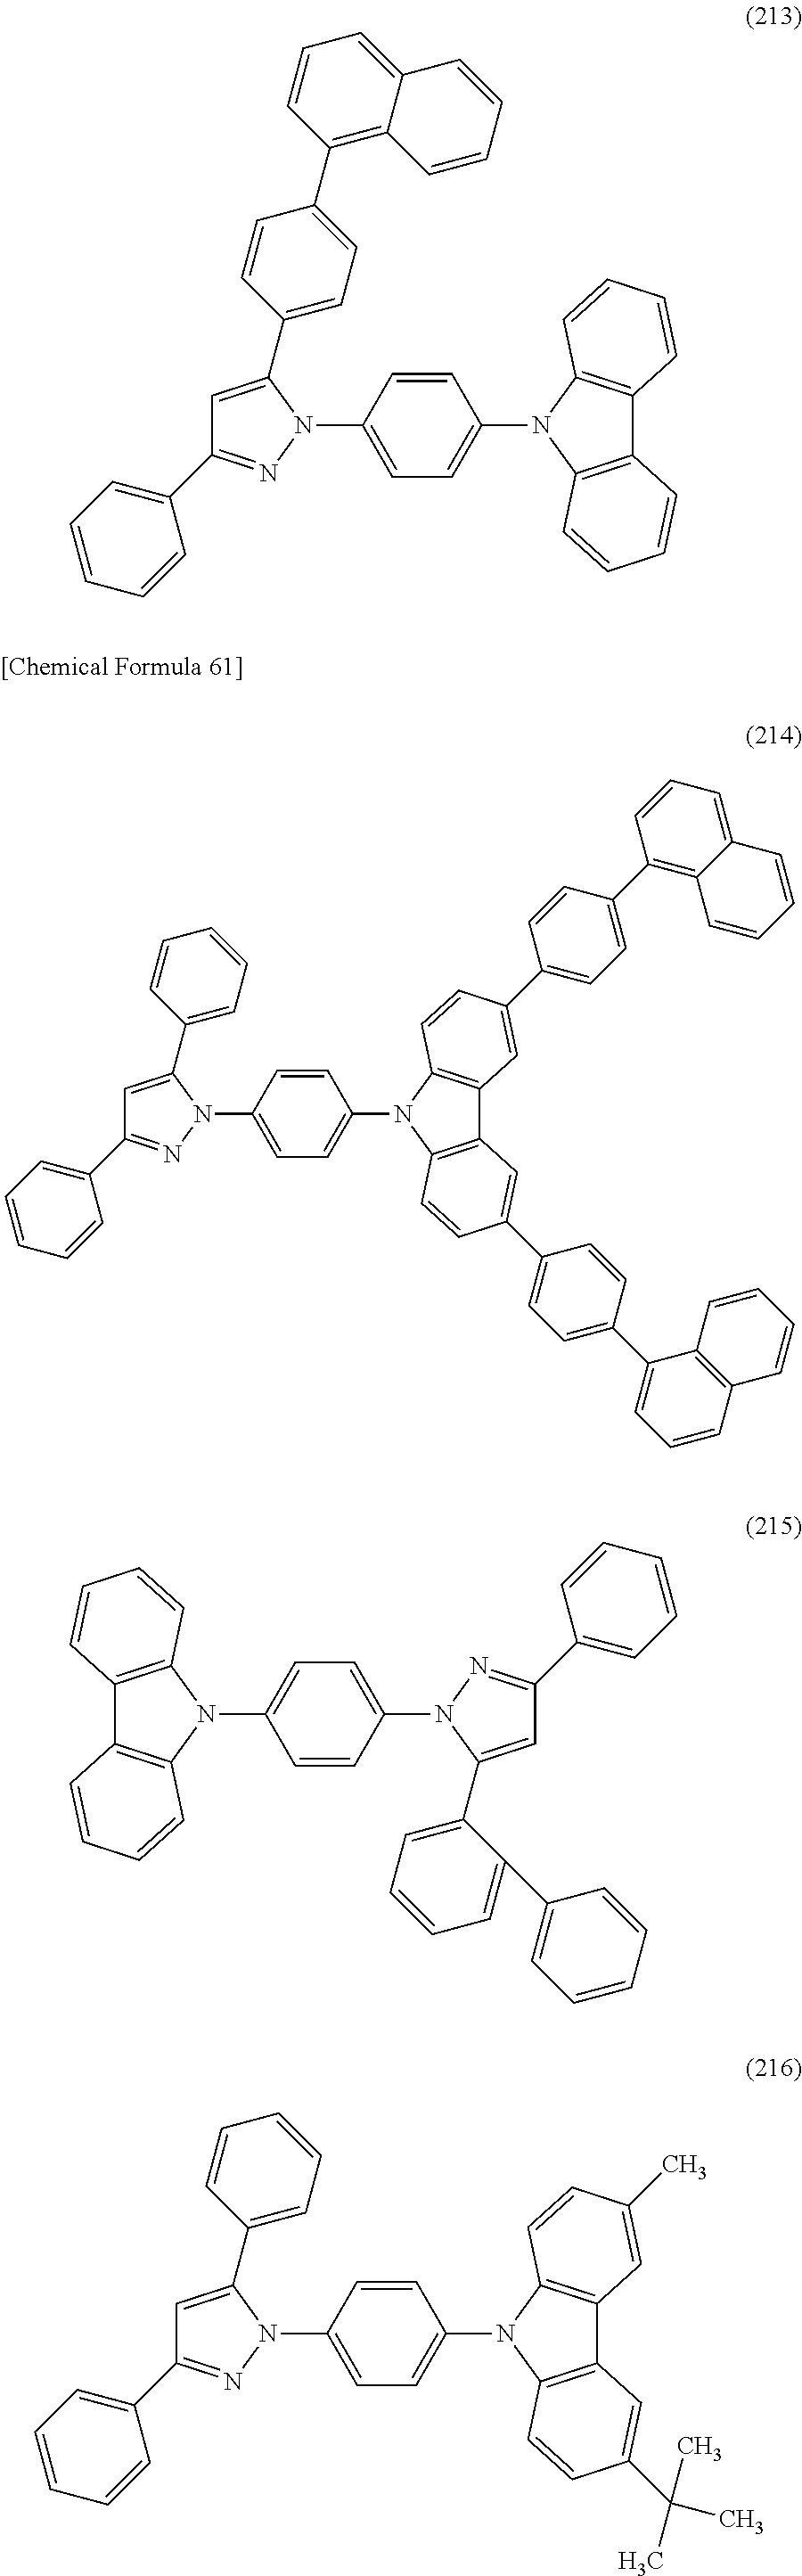 Figure US08551625-20131008-C00074